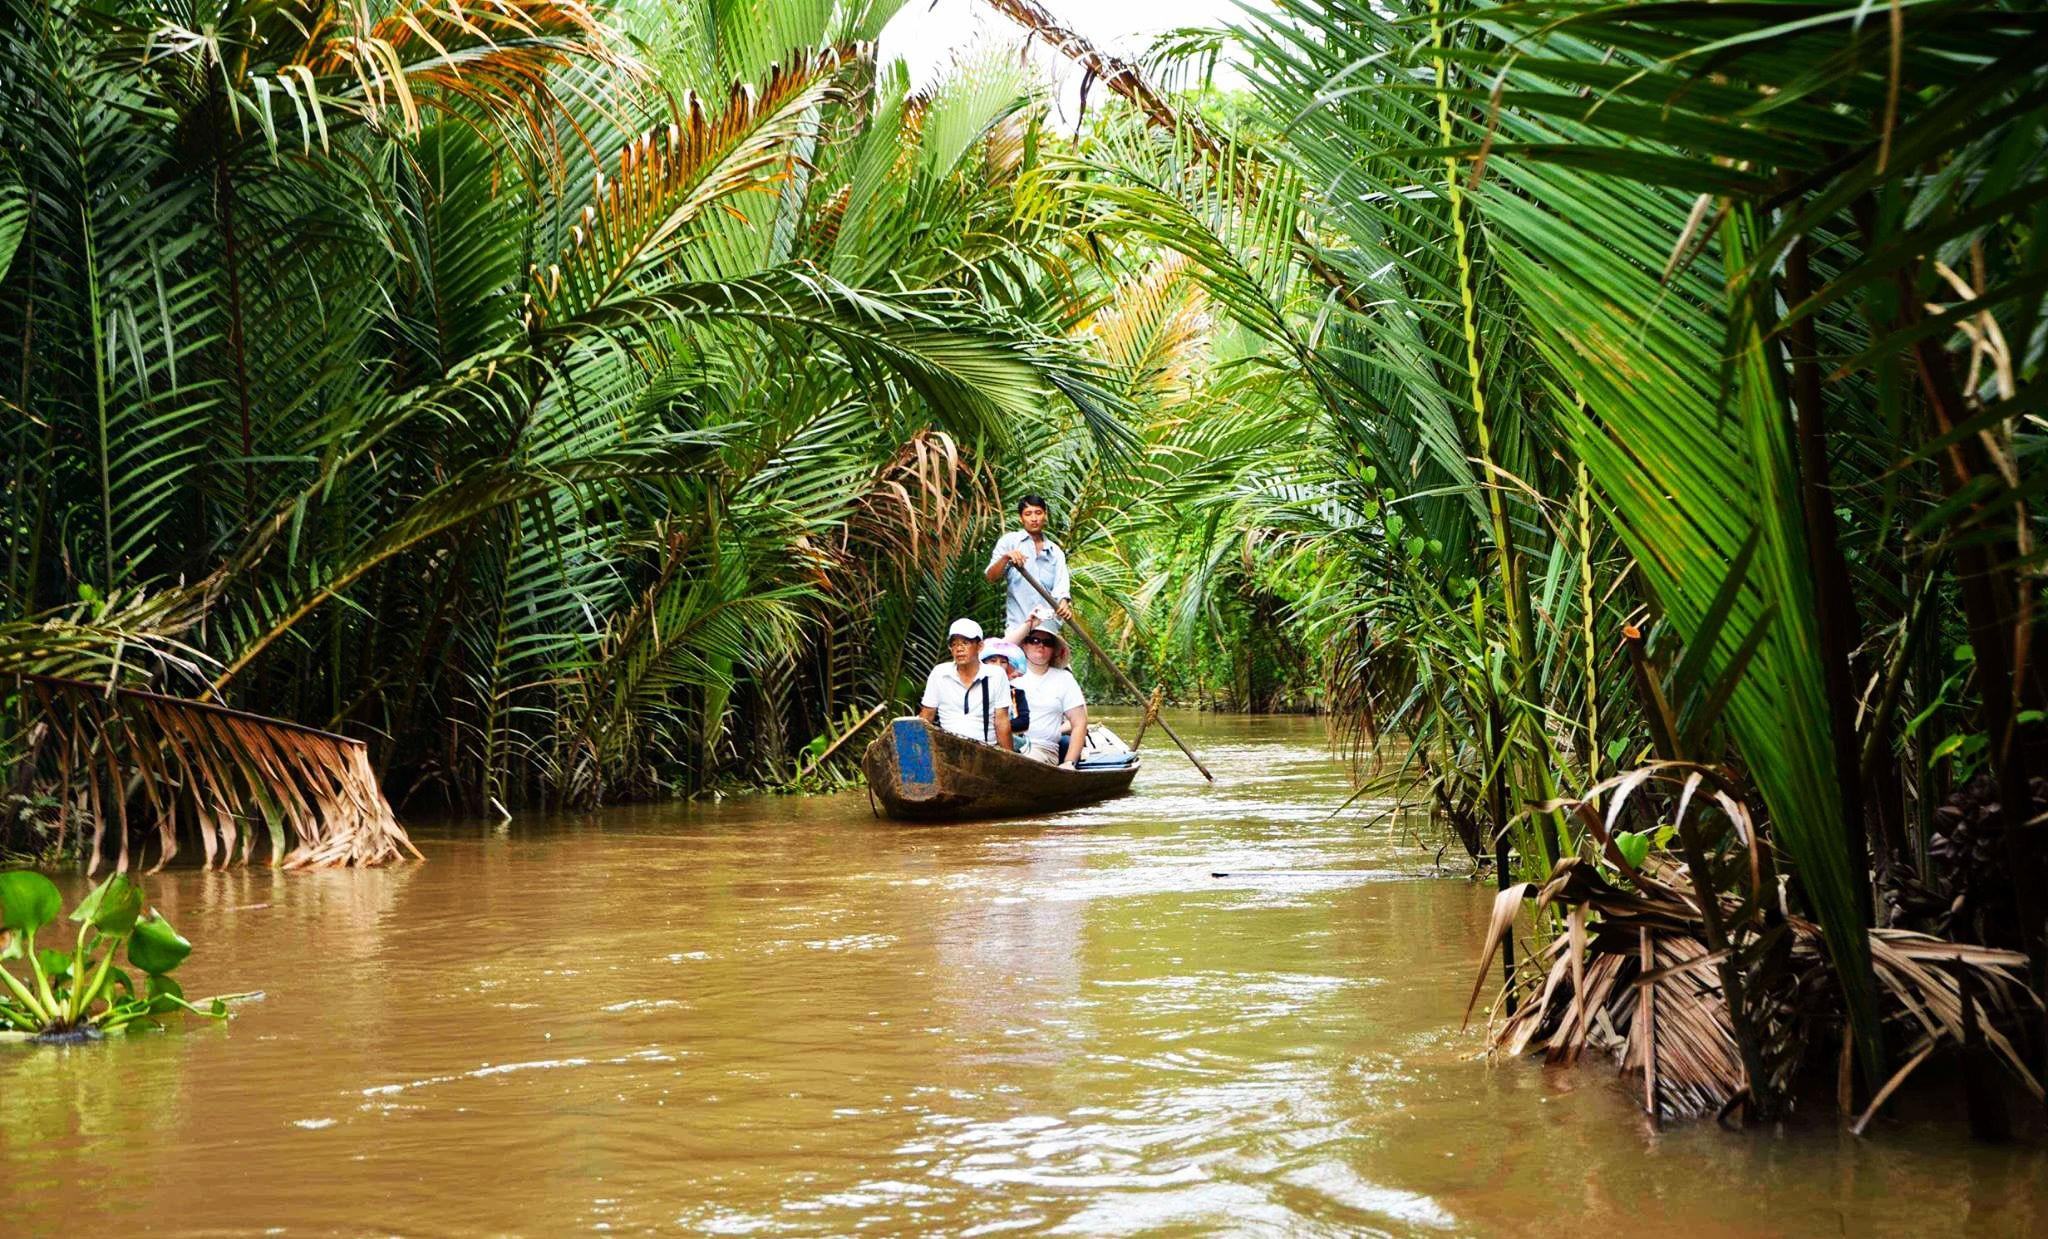 камбоджа, достопримечательности камбоджи, менонг, стынгтраенг, preah rumkel